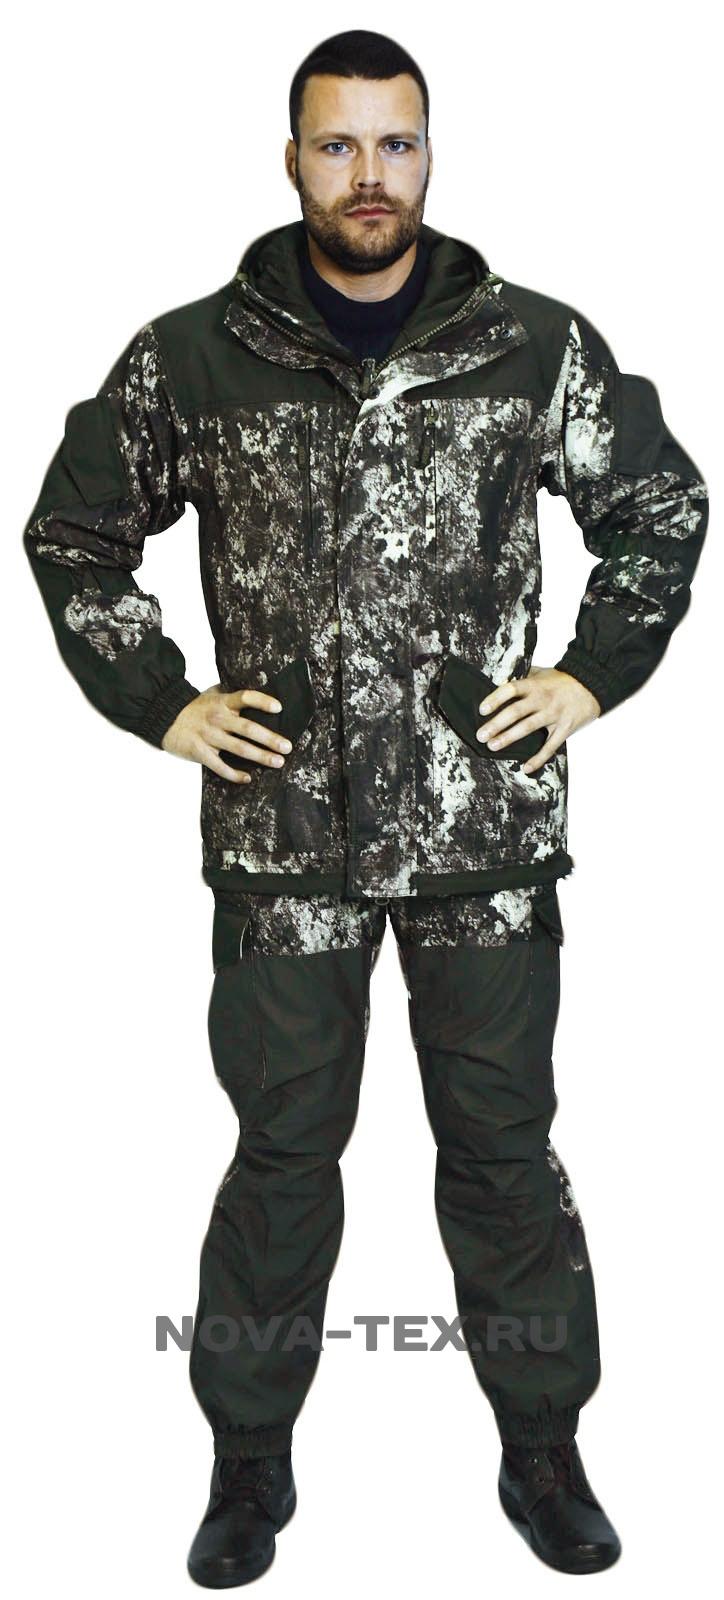 Костюм мужской Горка Осень-Дуплекс (130-61-1), Костюмы утепленные<br>Костюм «Горка Осень» ( ТМ «Payer») - разработан <br>в компании Novatex на основе легендарного костюма <br>«Горка», используемого в спецподразделениях, <br>а также огромным числом любителей всевозможного <br>экстрима. Костюм «Горка Осень» состоит <br>из куртки и брюк на подтяжках. Отличается <br>специальным анатомическим кроем, характерным <br>для данной линии одежды. Он не стесняет <br>движений, дает свободу перемещения в условиях <br>пересеченной местности. Верхний слой изготовлен <br>из современной ткани «Дуплекс», обладающей <br>отличными ветрозащитными свойствами, подкладка <br>из мягкого гипоаллергенного флиса обеспечивает <br>комфорт и тепло. Места повышенного износа <br>имеют дополнительное усиление мембранной <br>тканью «кошачий глаз», которая не пропускает <br>влагу снаружи, отводит ее изнутри и обладает <br>повышенной износостойкостью. Рекомендован <br>для военных, охотников, рыбаков, туристов, <br>любителей военно-спортивных игр, представителей <br>силовых структур. Особенности модели: -ветрозащитная <br>ткань -двойная ветрозащитная планка -анатомический <br>крой -двухзамко<br><br>Пол: мужской<br>Размер: 52-54<br>Рост: 182-188<br>Сезон: лето<br>Цвет: серый<br>Материал: текстиль